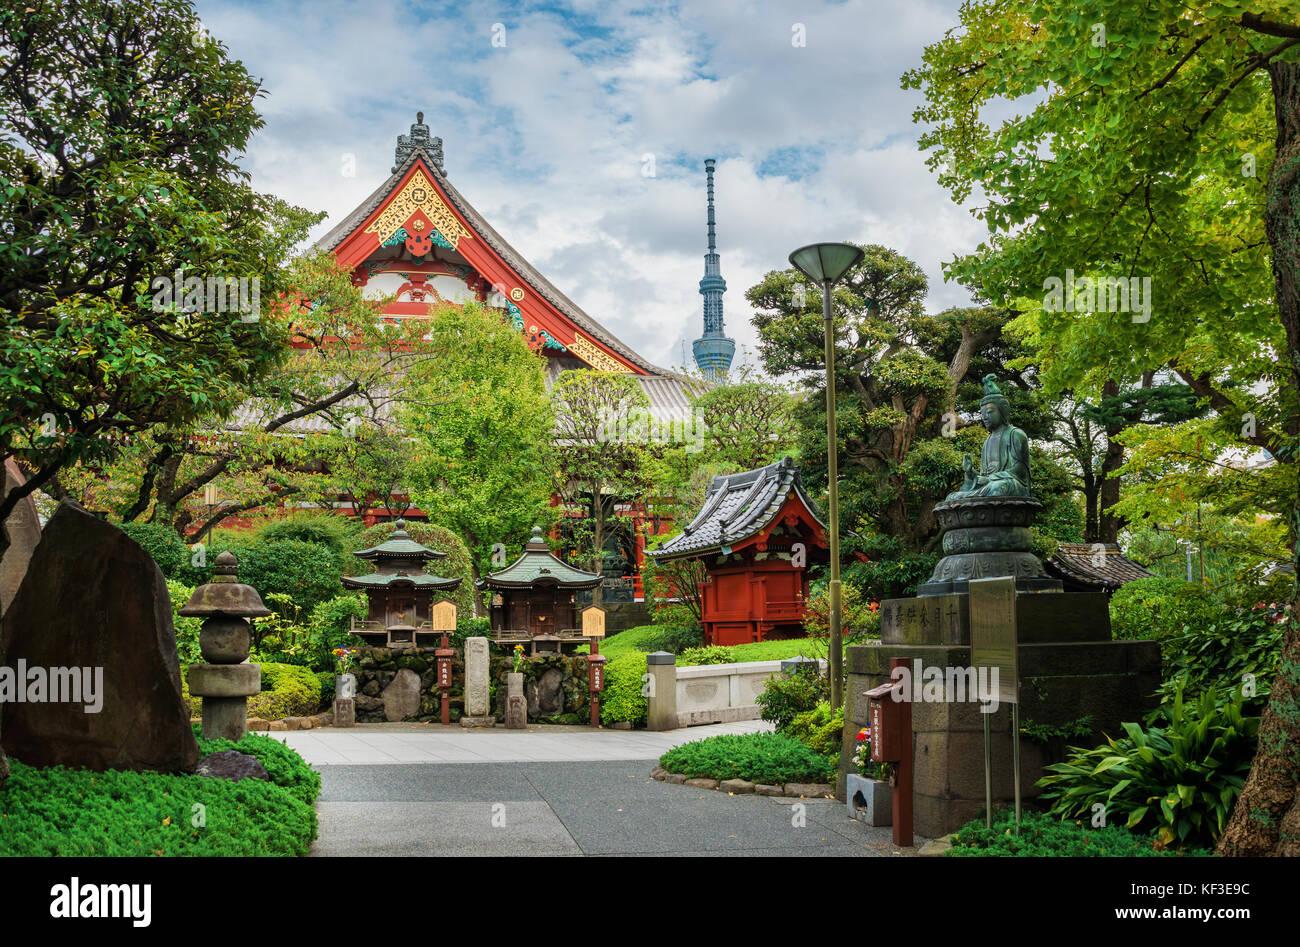 Tradition und Moderne in Japan. Blick auf asakusa Alte buddhistische Tempel, Schreine mit den modernen skytree Tower Stockbild